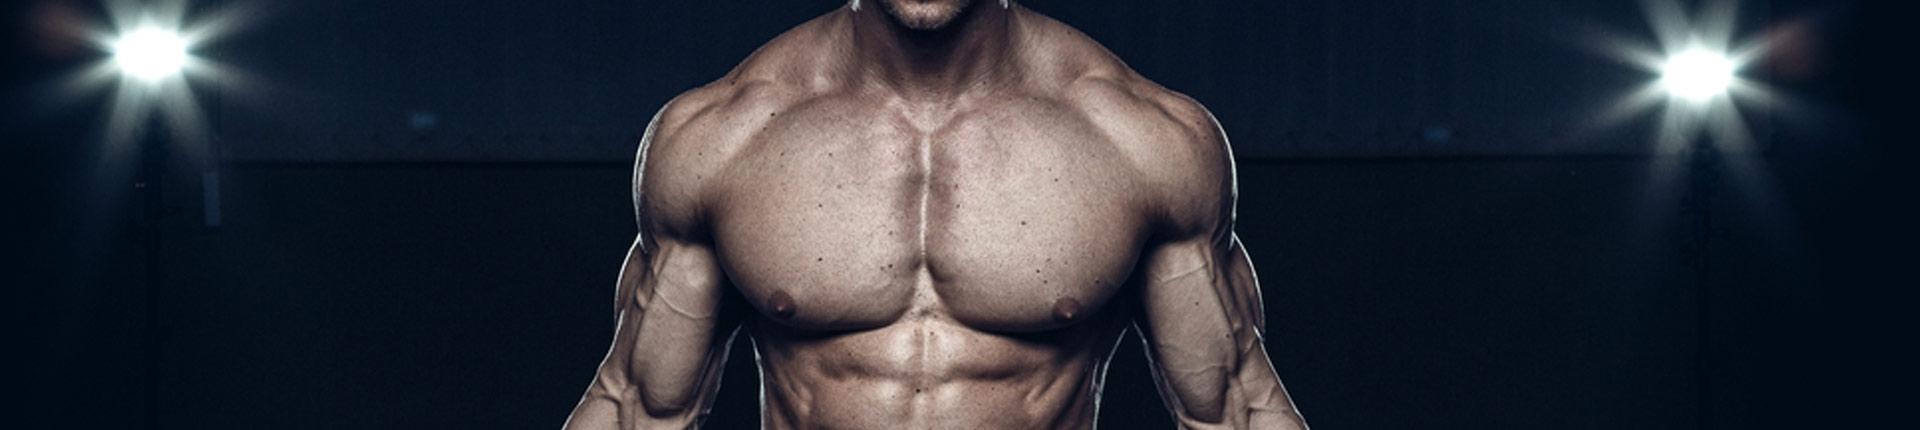 Brak owoców i warzyw w diecie wpływa na obniżenie testosteronu